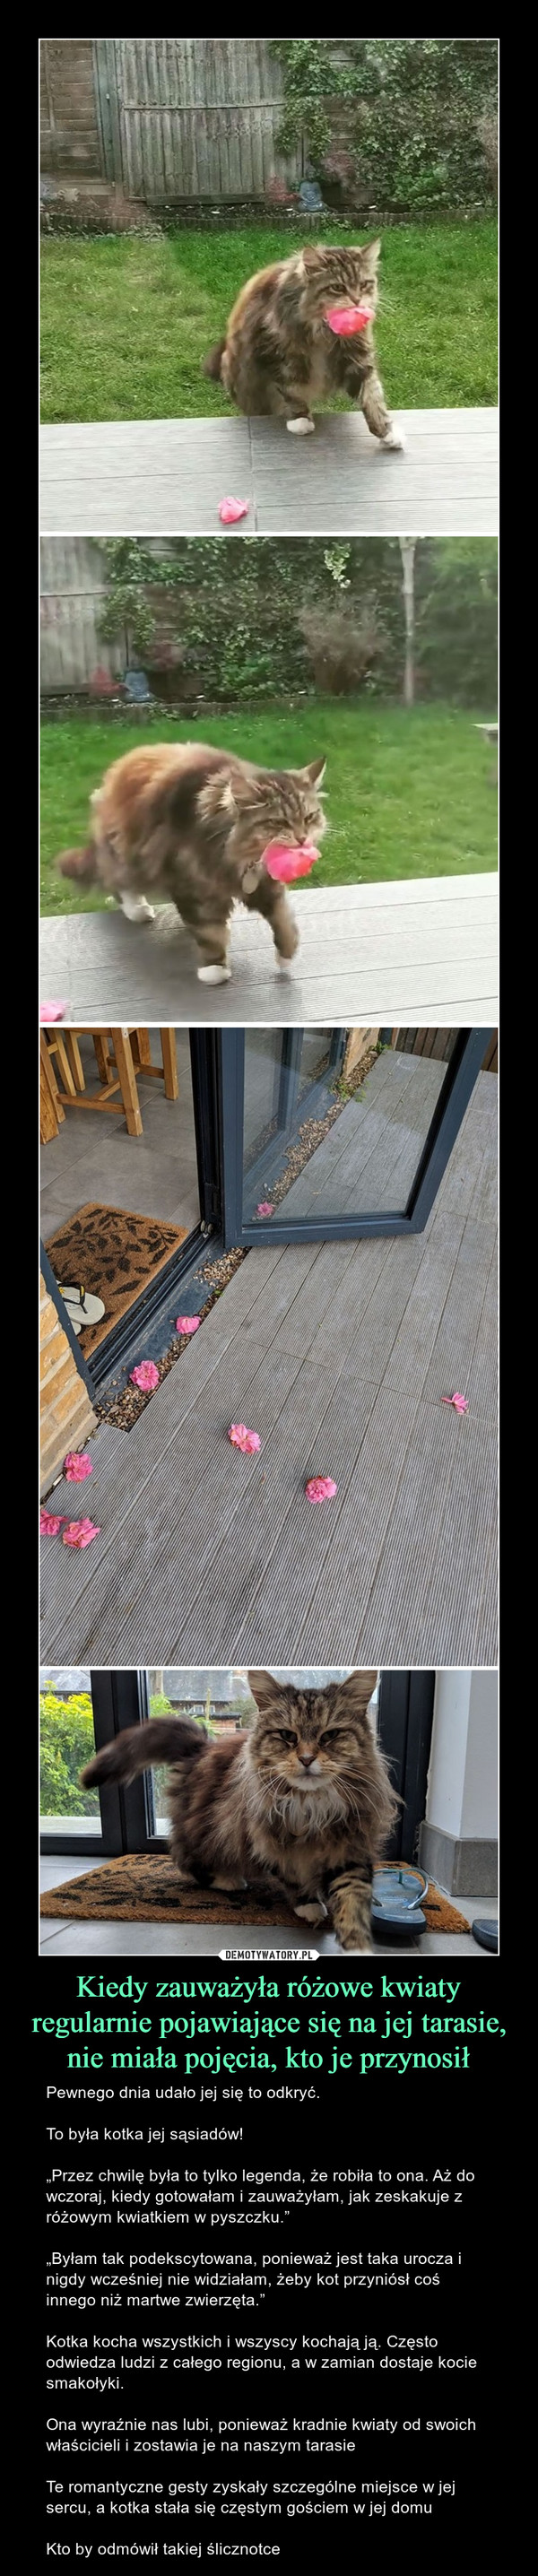 """Kiedy zauważyła różowe kwiaty regularnie pojawiające się na jej tarasie, nie miała pojęcia, kto je przynosił – Pewnego dnia udało jej się to odkryć.To była kotka jej sąsiadów!""""Przez chwilę była to tylko legenda, że robiła to ona. Aż do wczoraj, kiedy gotowałam i zauważyłam, jak zeskakuje z różowym kwiatkiem w pyszczku.""""""""Byłam tak podekscytowana, ponieważ jest taka urocza i nigdy wcześniej nie widziałam, żeby kot przyniósł coś innego niż martwe zwierzęta.""""Kotka kocha wszystkich i wszyscy kochają ją. Często odwiedza ludzi z całego regionu, a w zamian dostaje kocie smakołyki.Ona wyraźnie nas lubi, ponieważ kradnie kwiaty od swoich właścicieli i zostawia je na naszym tarasieTe romantyczne gesty zyskały szczególne miejsce w jej sercu, a kotka stała się częstym gościem w jej domuKto by odmówił takiej ślicznotce"""